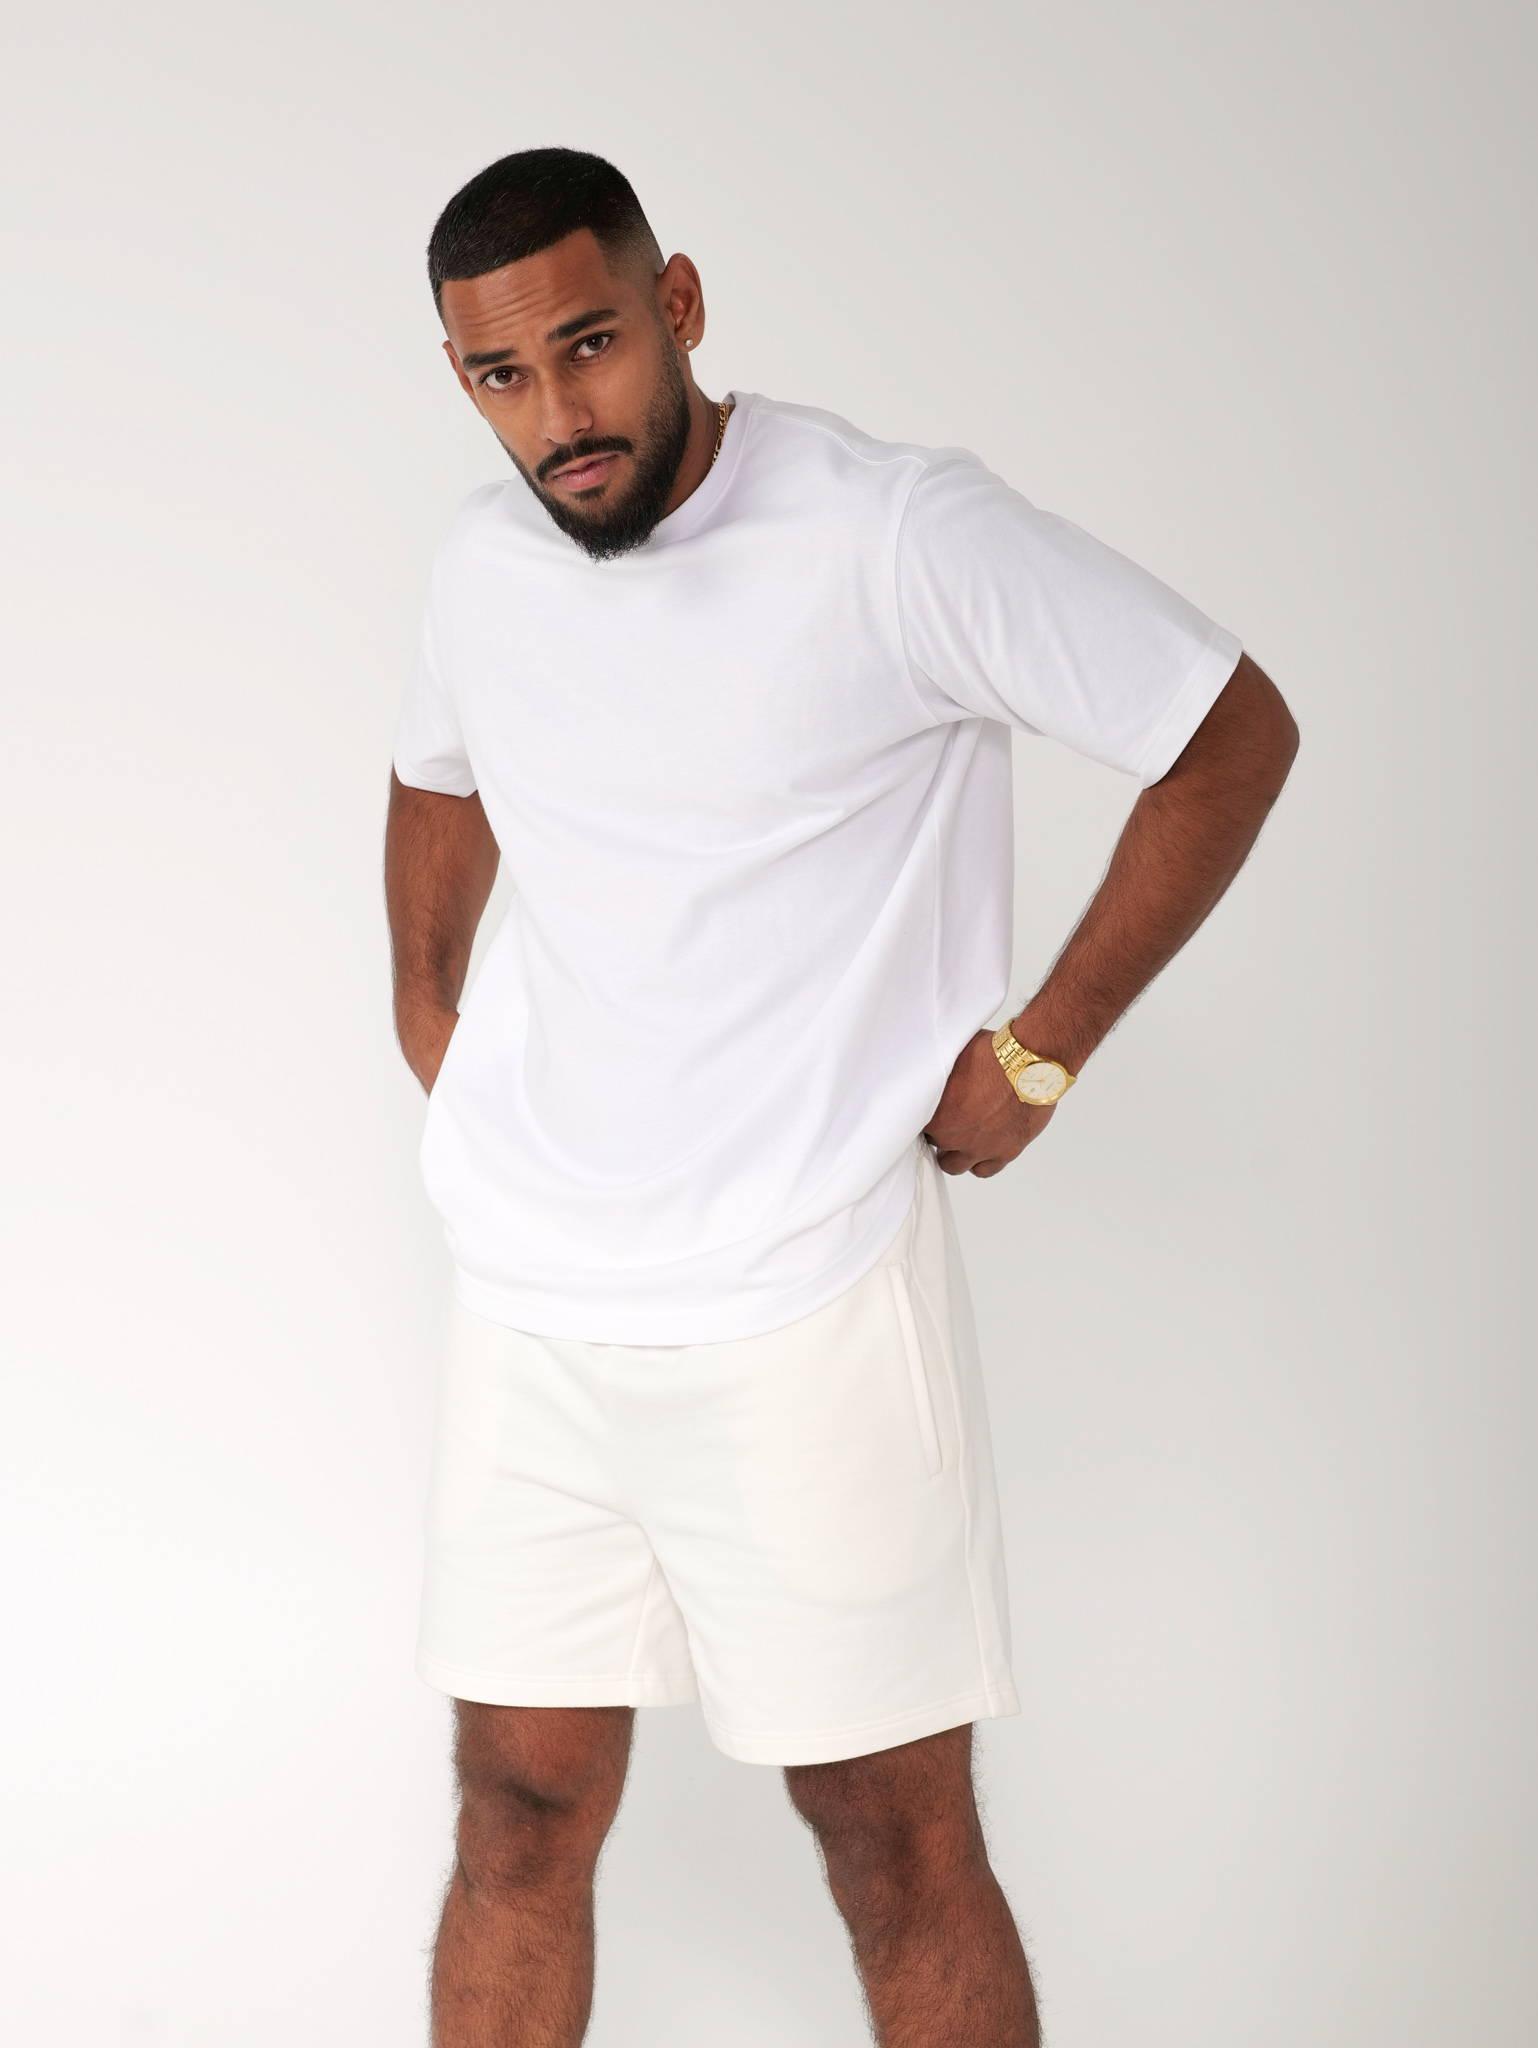 blank clothing t shirt